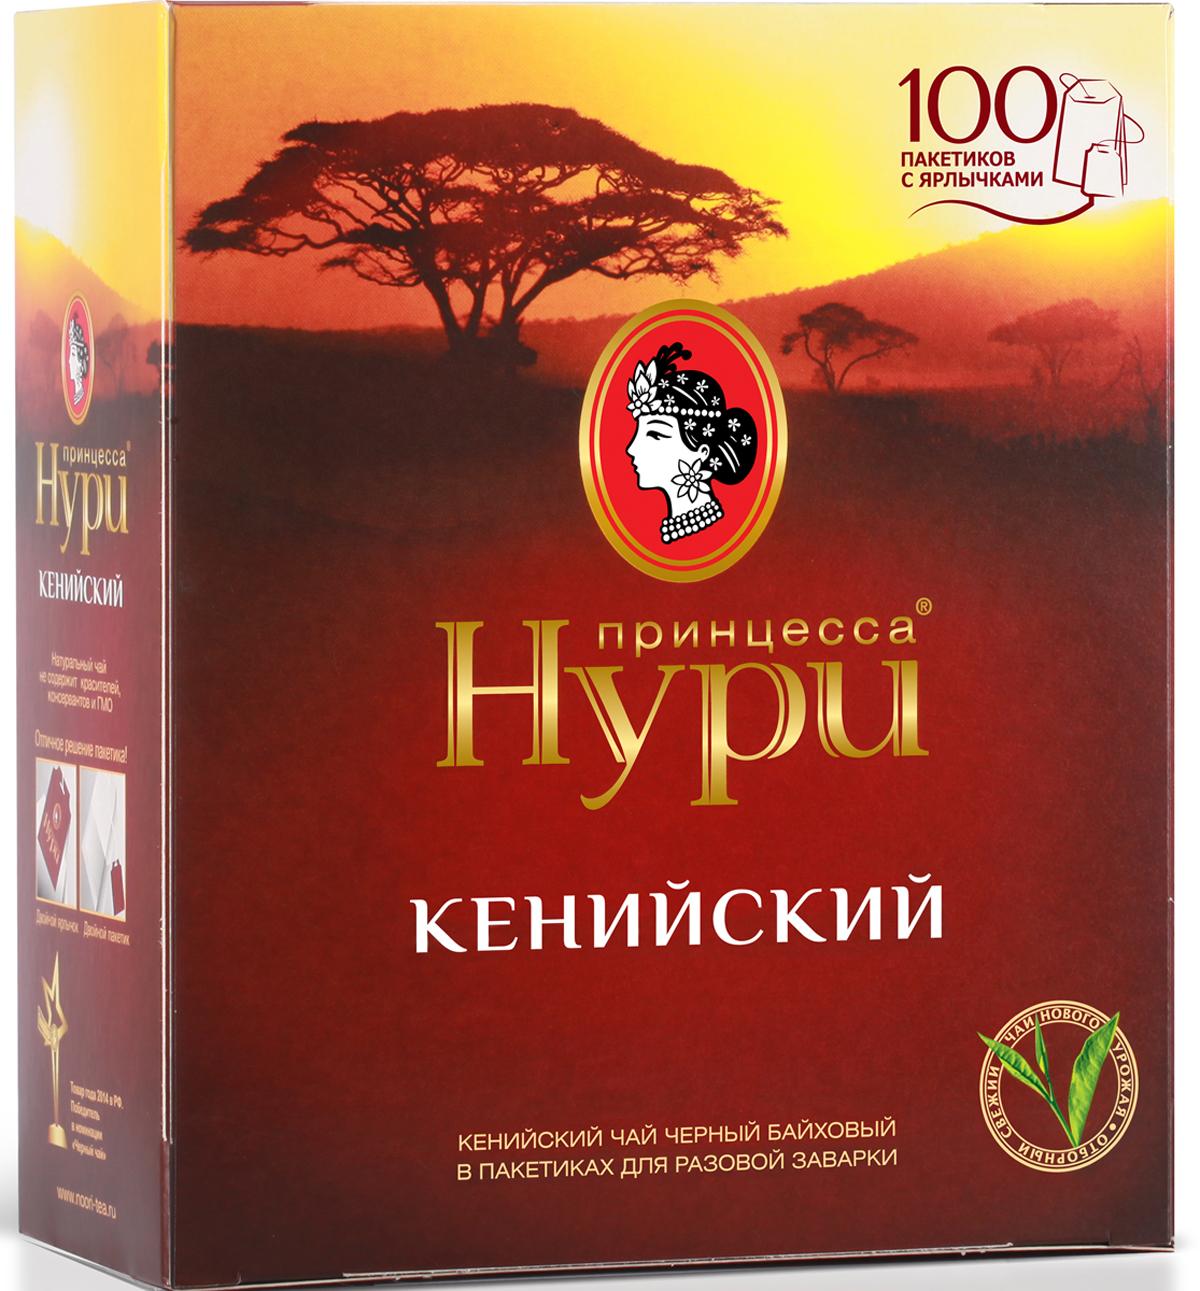 Принцесса Нури Кенийский черный чай в пакетиках, 100 шт чай в пакетиках принцесса нури золото шри ланки черный 100 шт